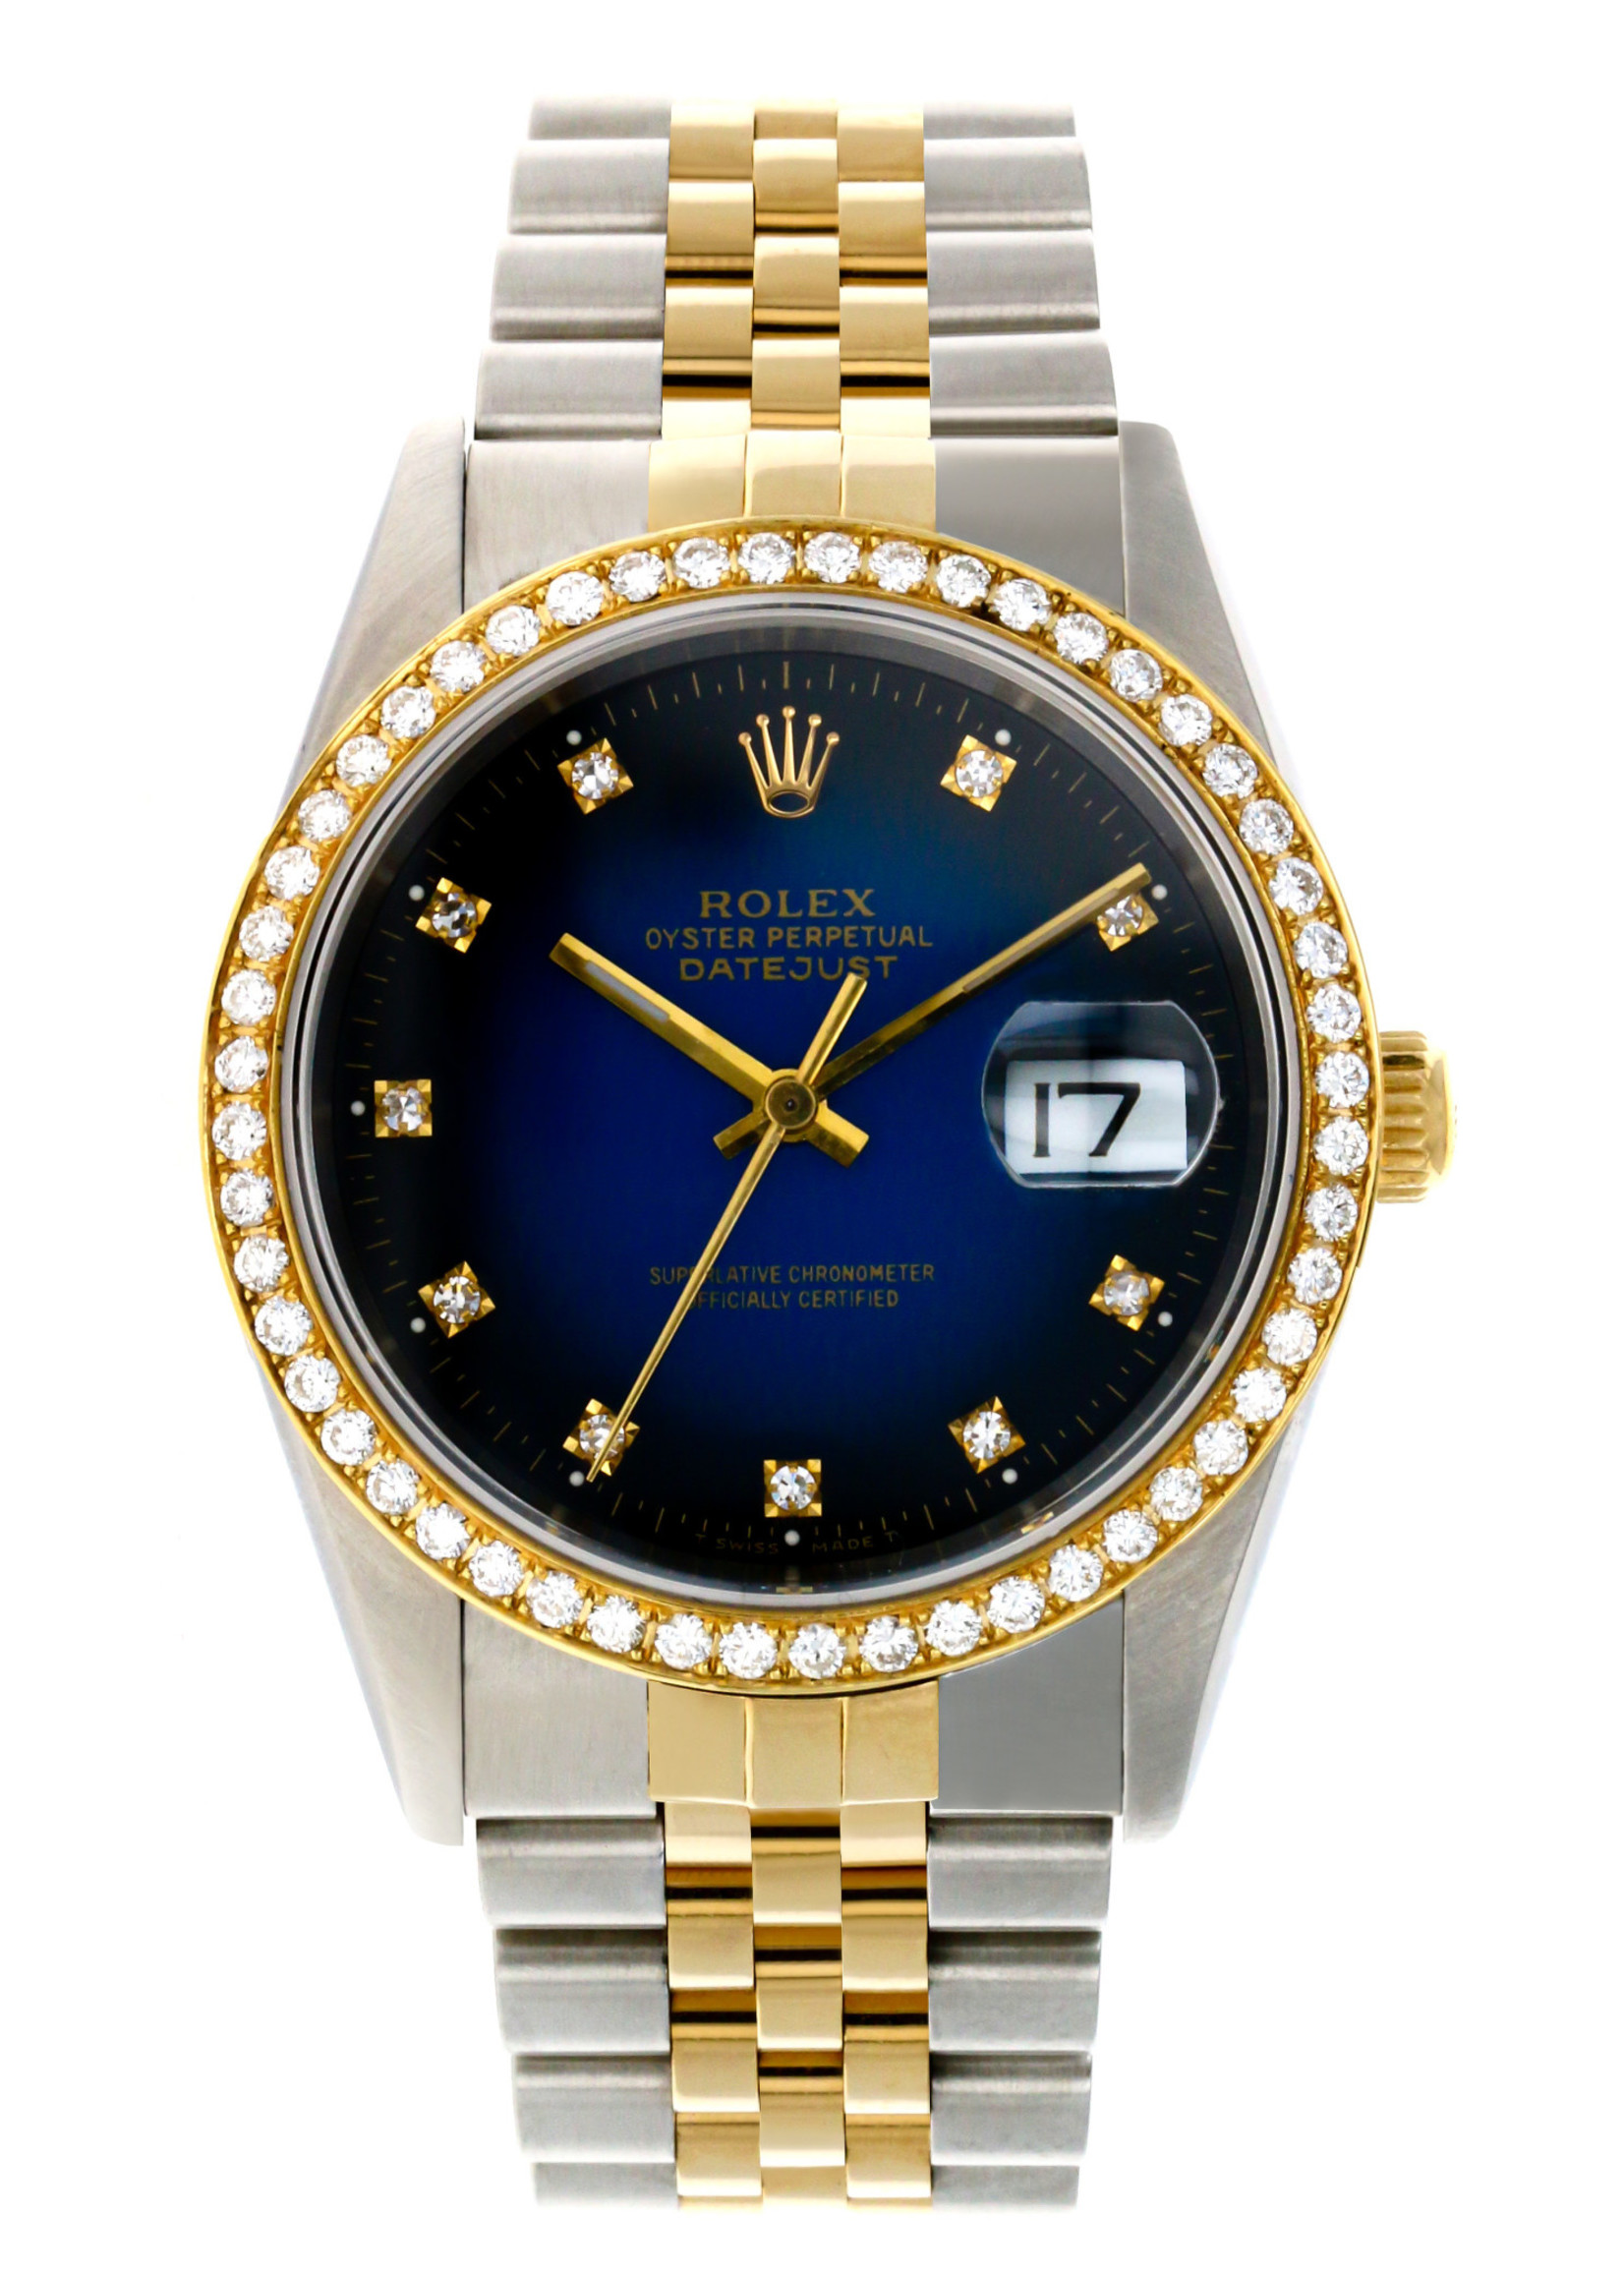 Rolex Watches ROLEX DATEJUST 36MM #16233 (2001)